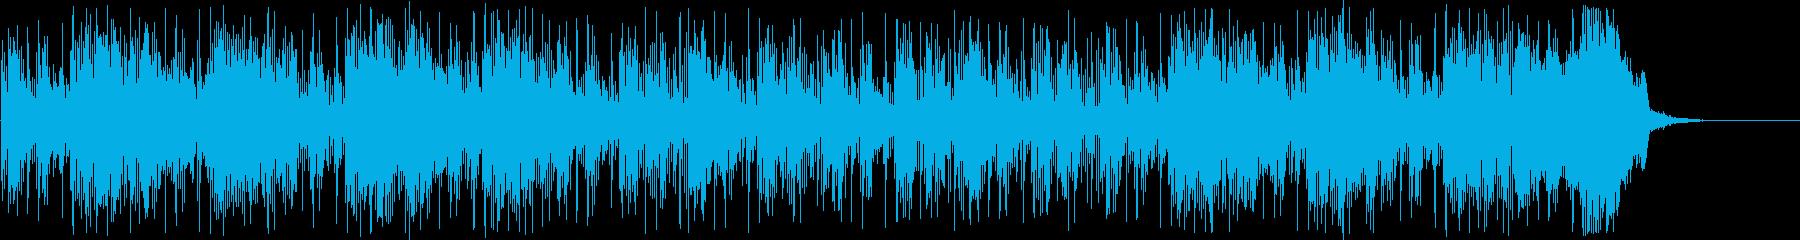 シンセサイザーによる近未来的なBGMの再生済みの波形